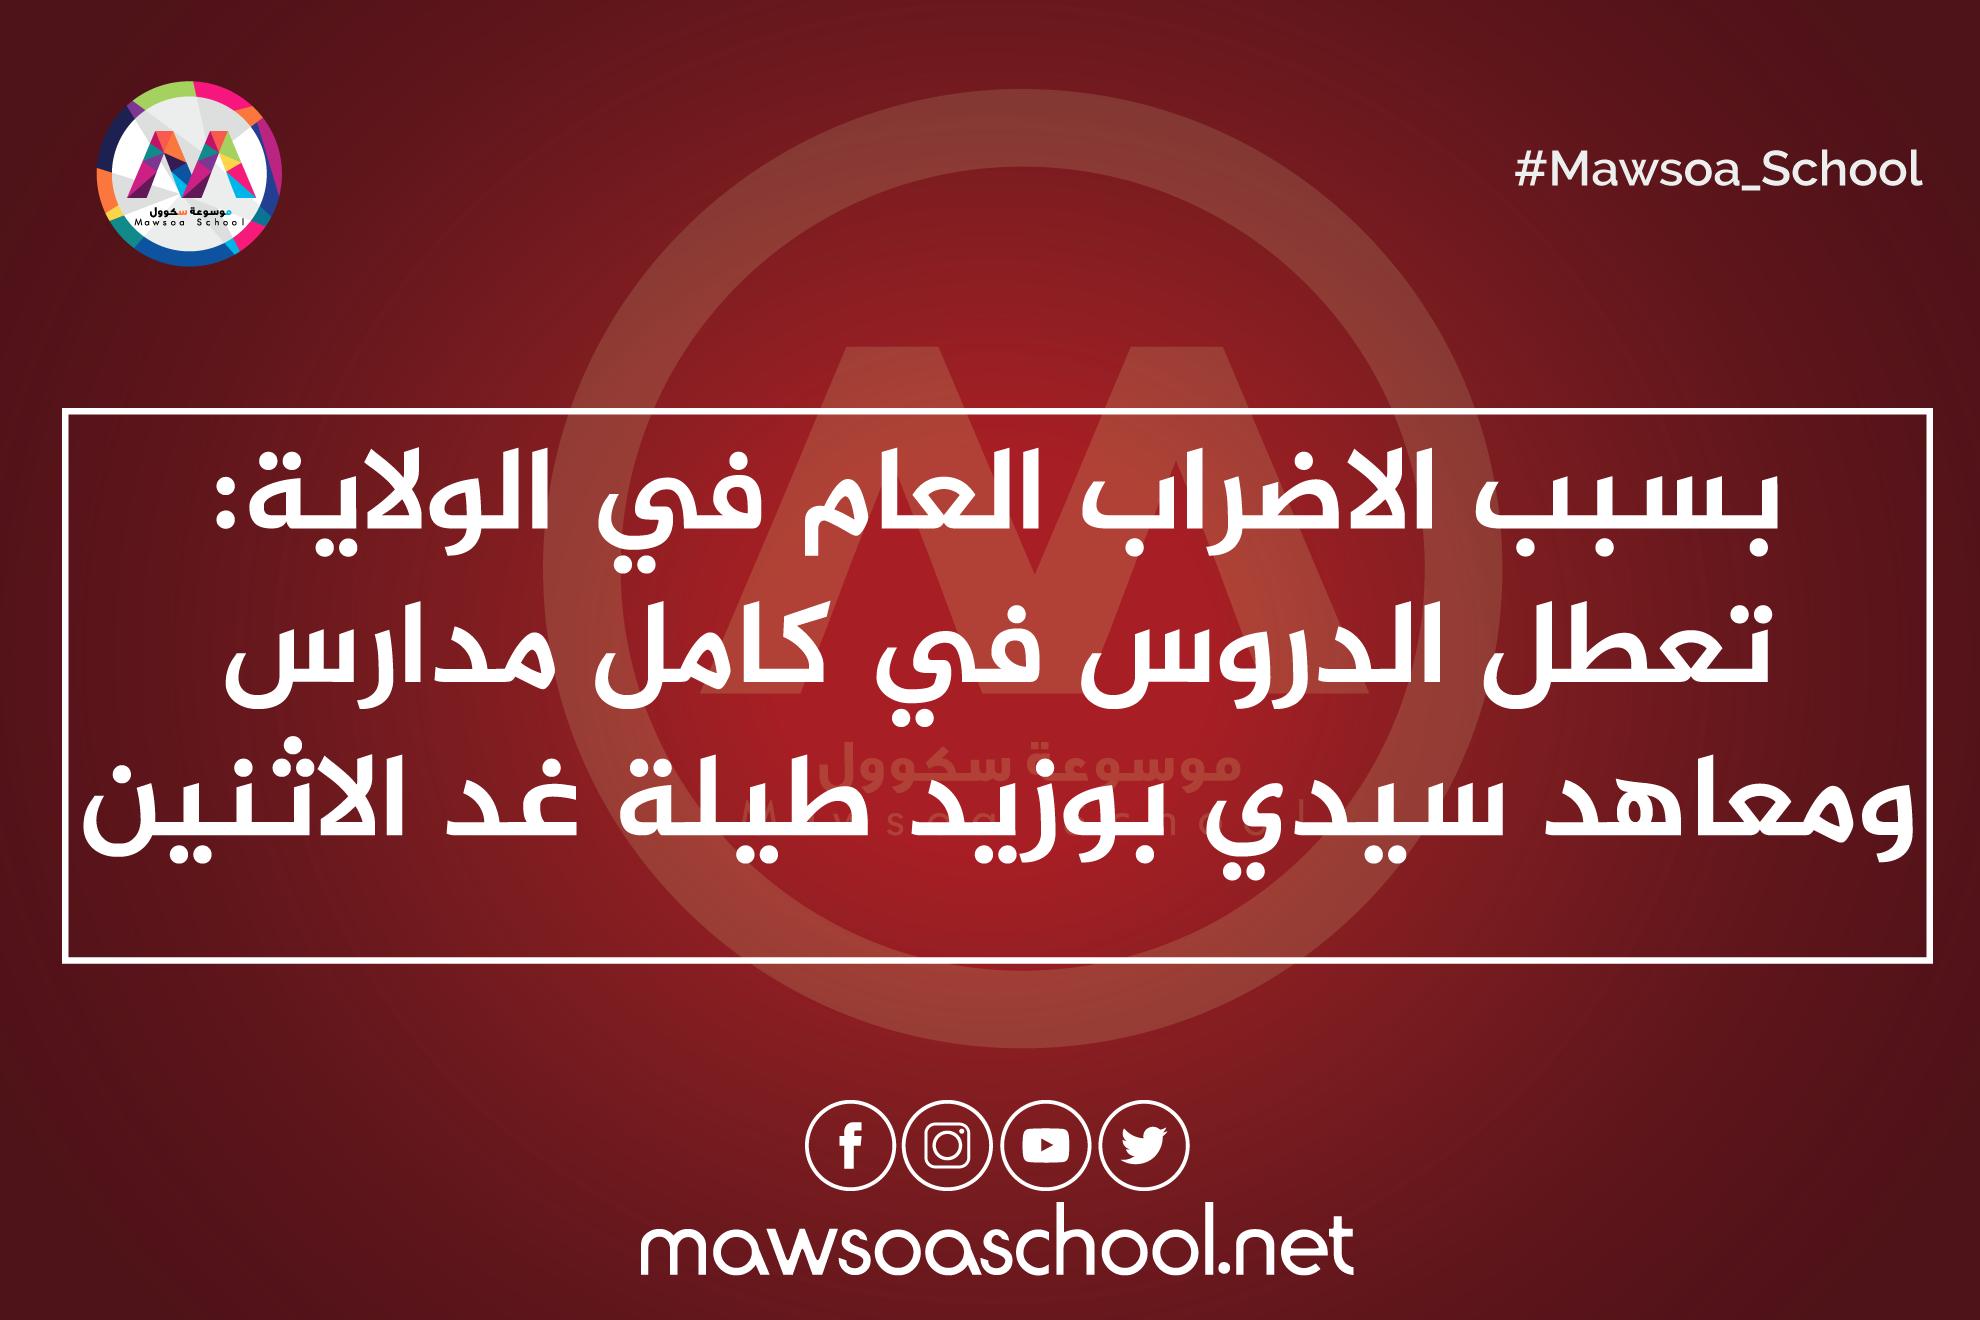 بسبب الاضراب العام في الولاية: تعطل الدروس في كامل مدارس ومعاهد سيدي بوزيد طيلة غد الاثنين